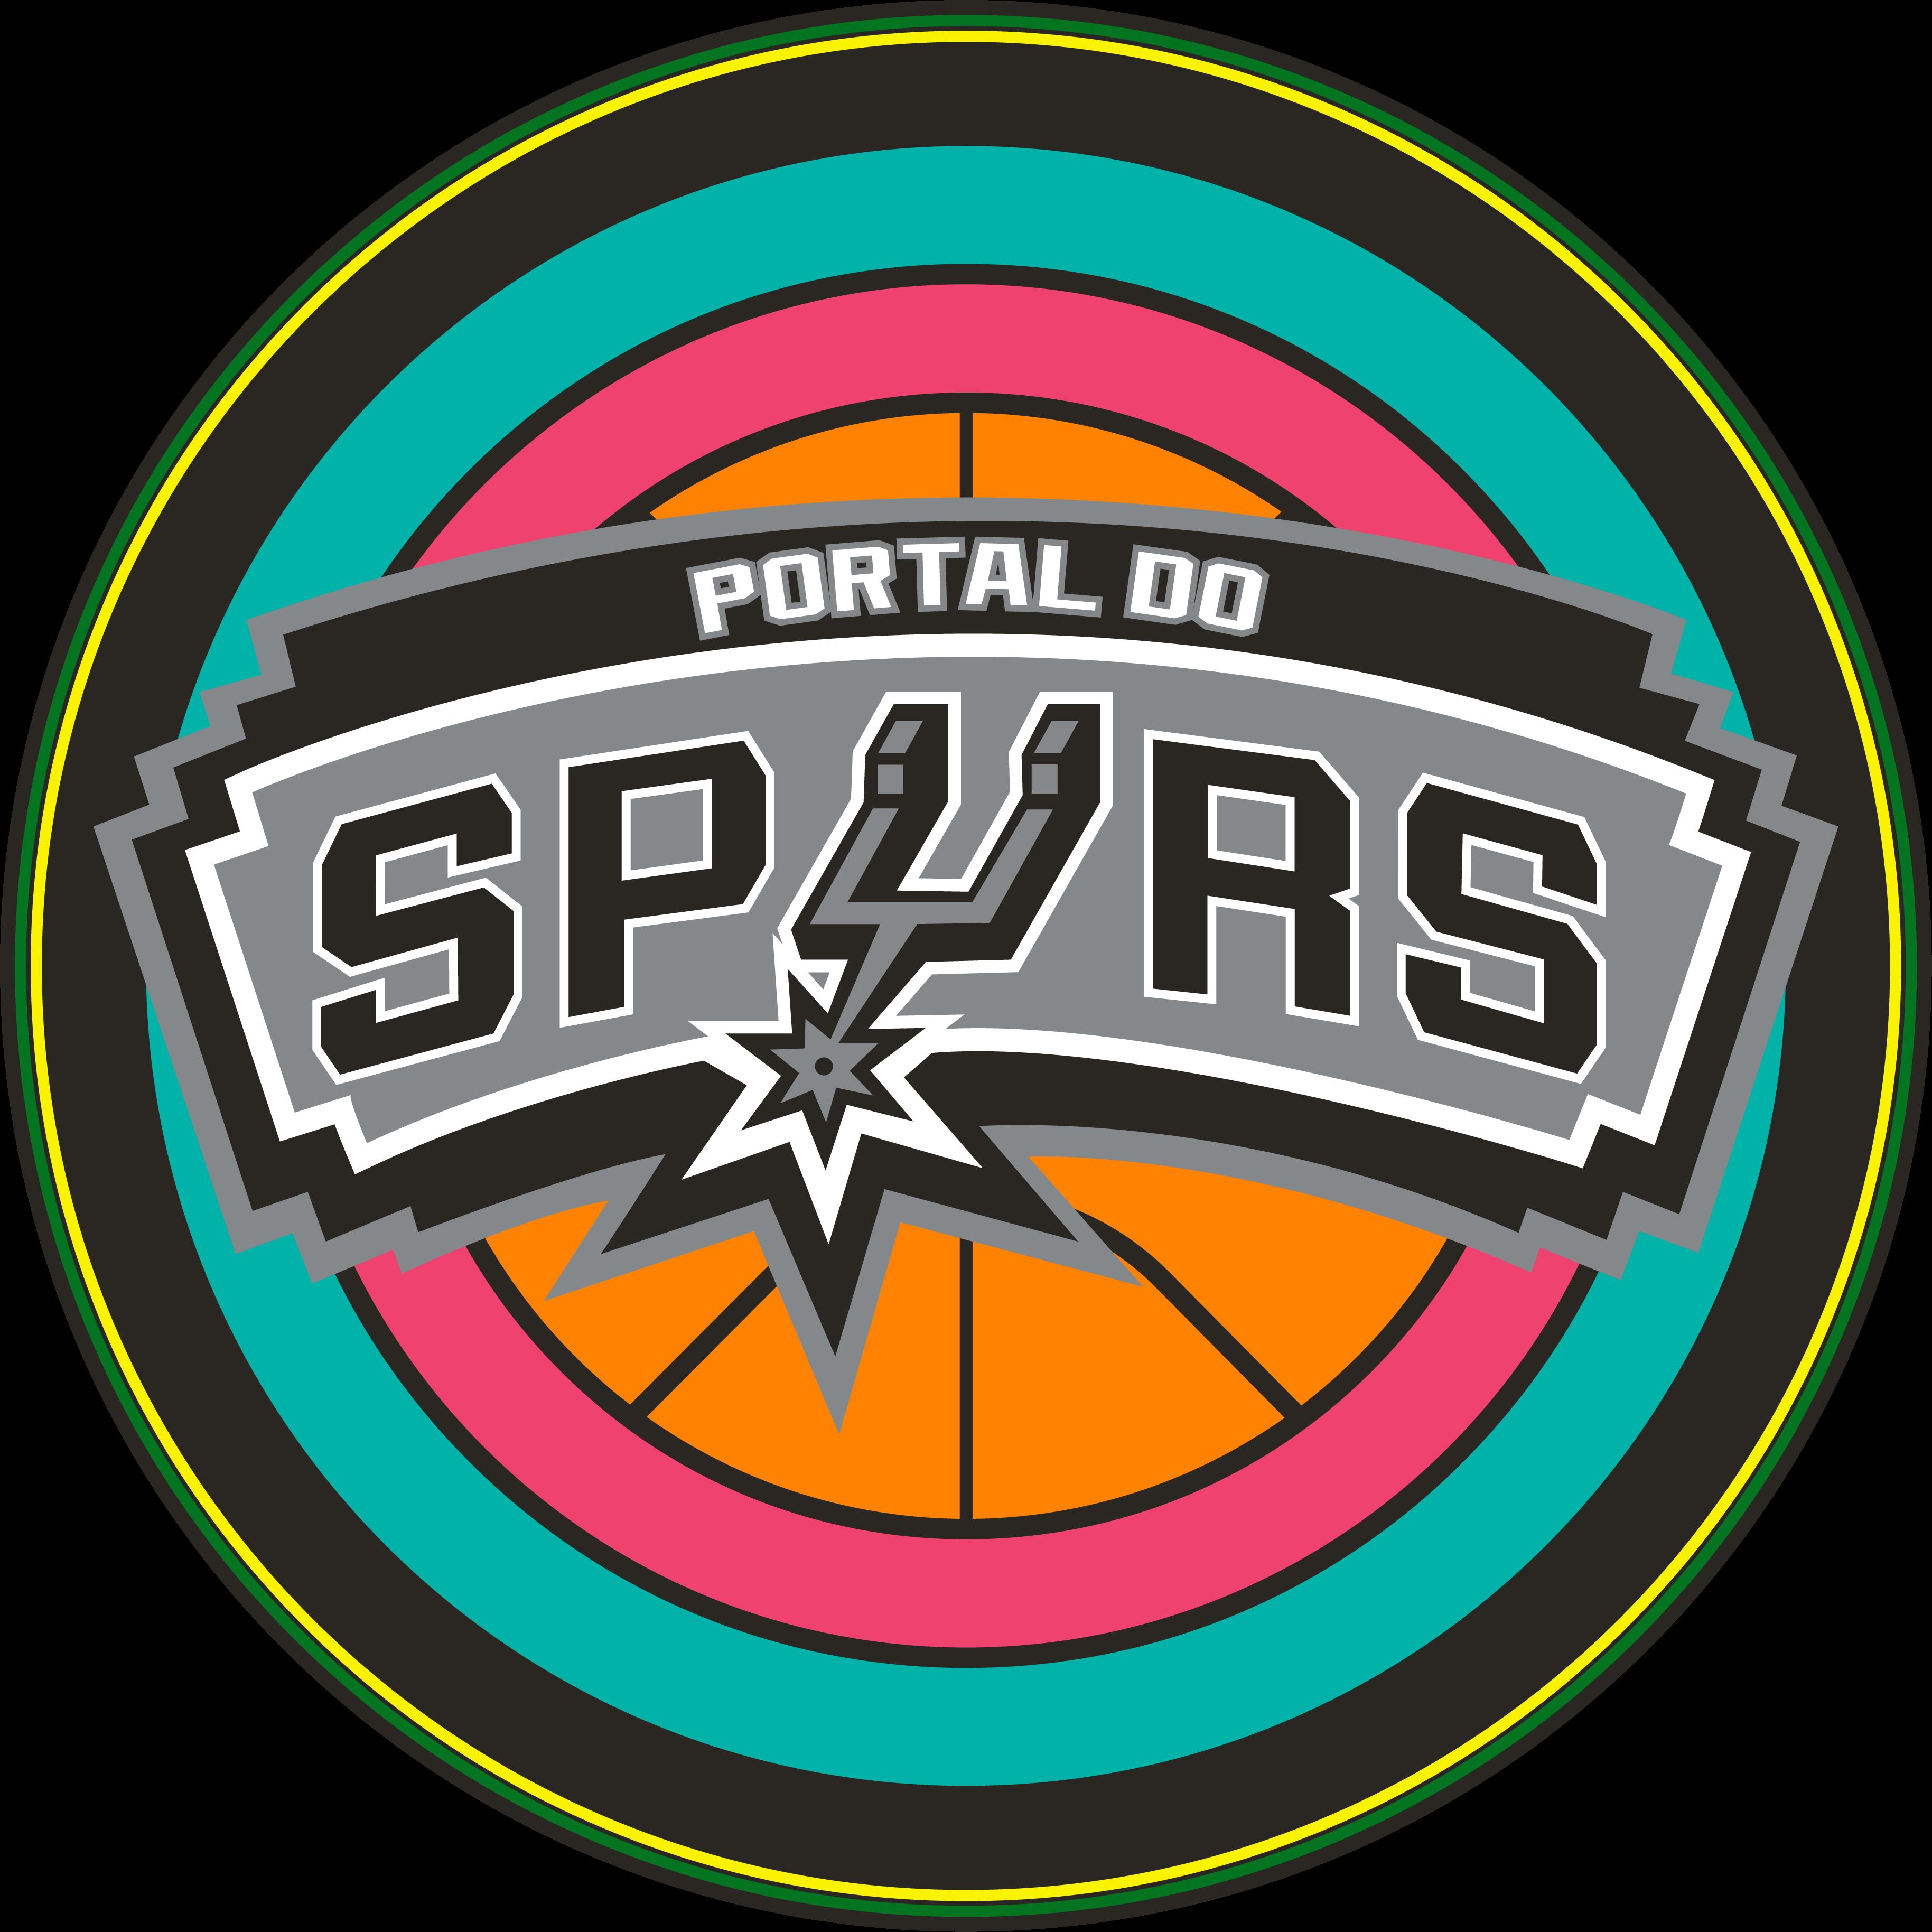 Portal do Spurs